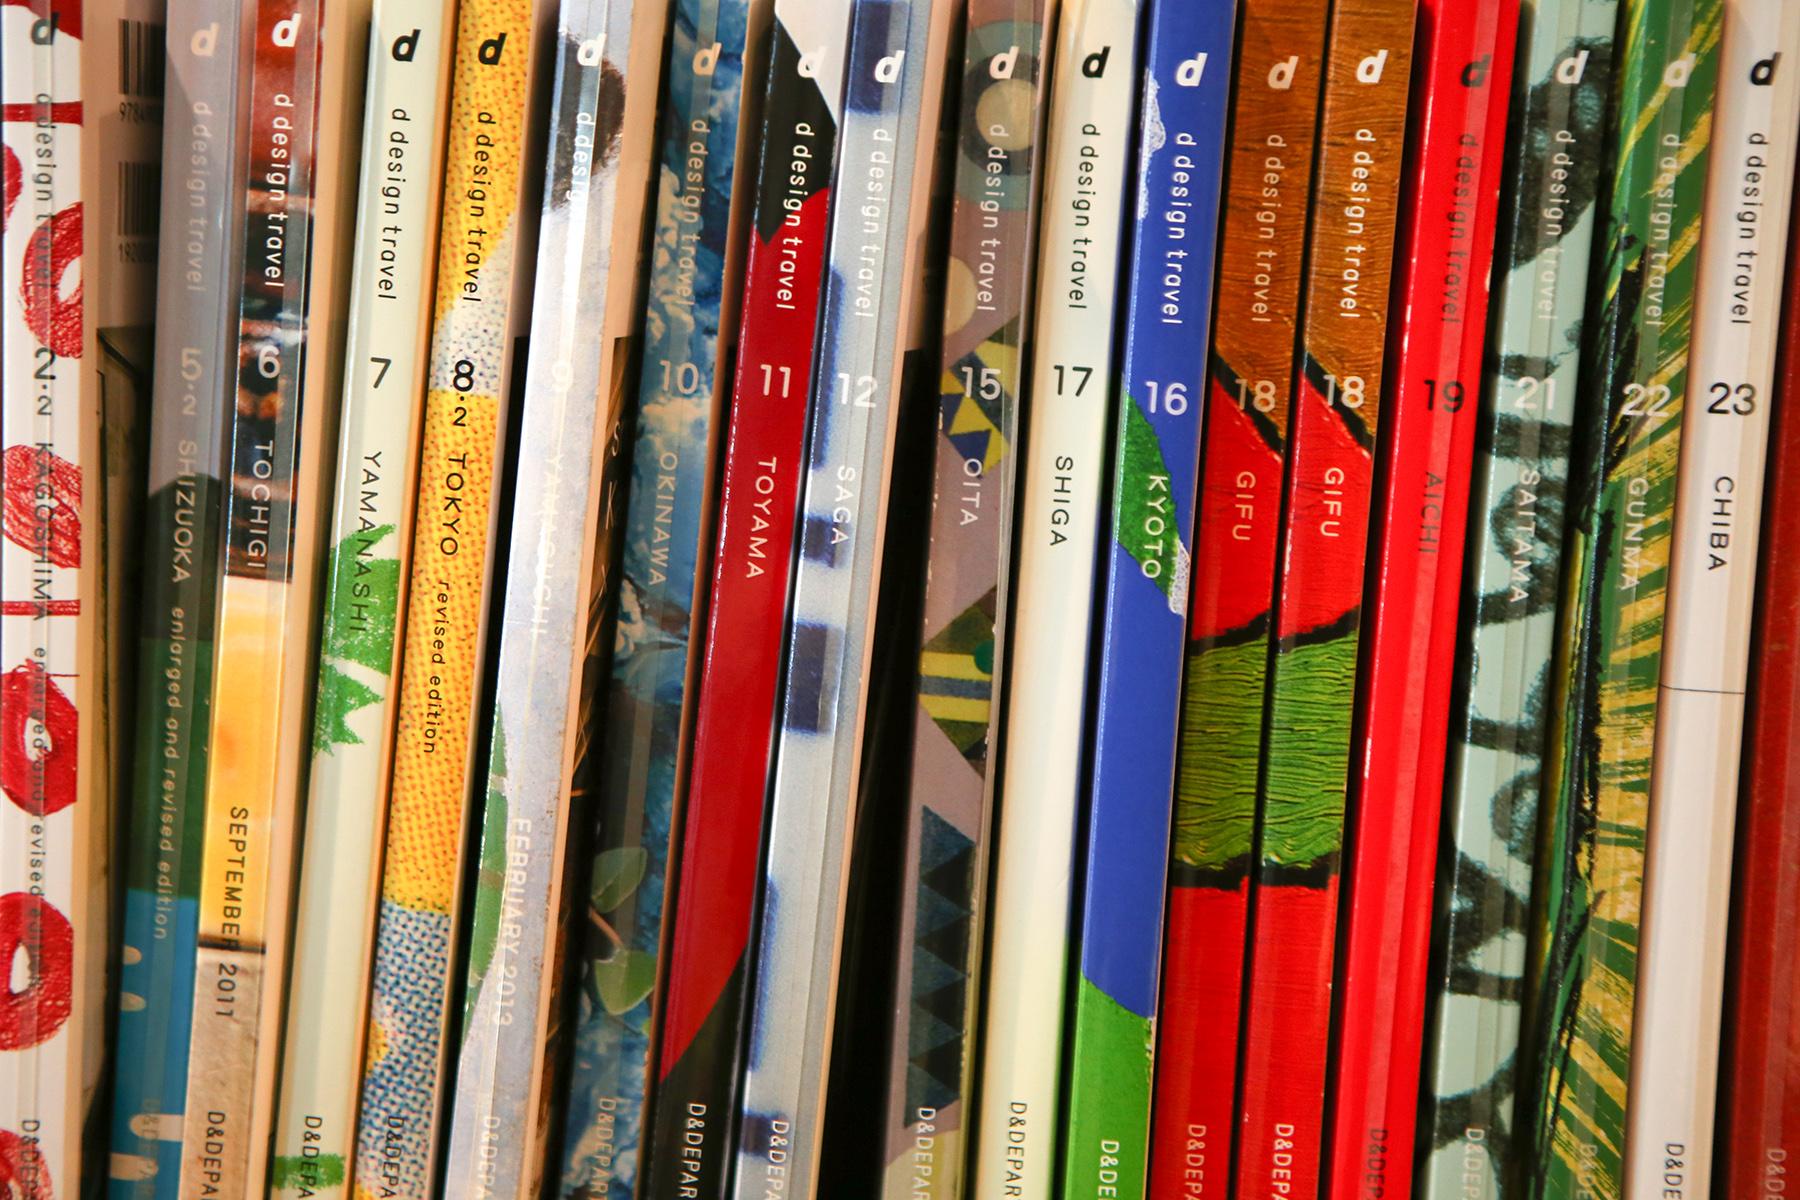 一地一冊為目標,自2009年第一本「北海道」出刊以來,已經發行25本雜誌。除了日文版亦發行簡體中文的翻譯版本。